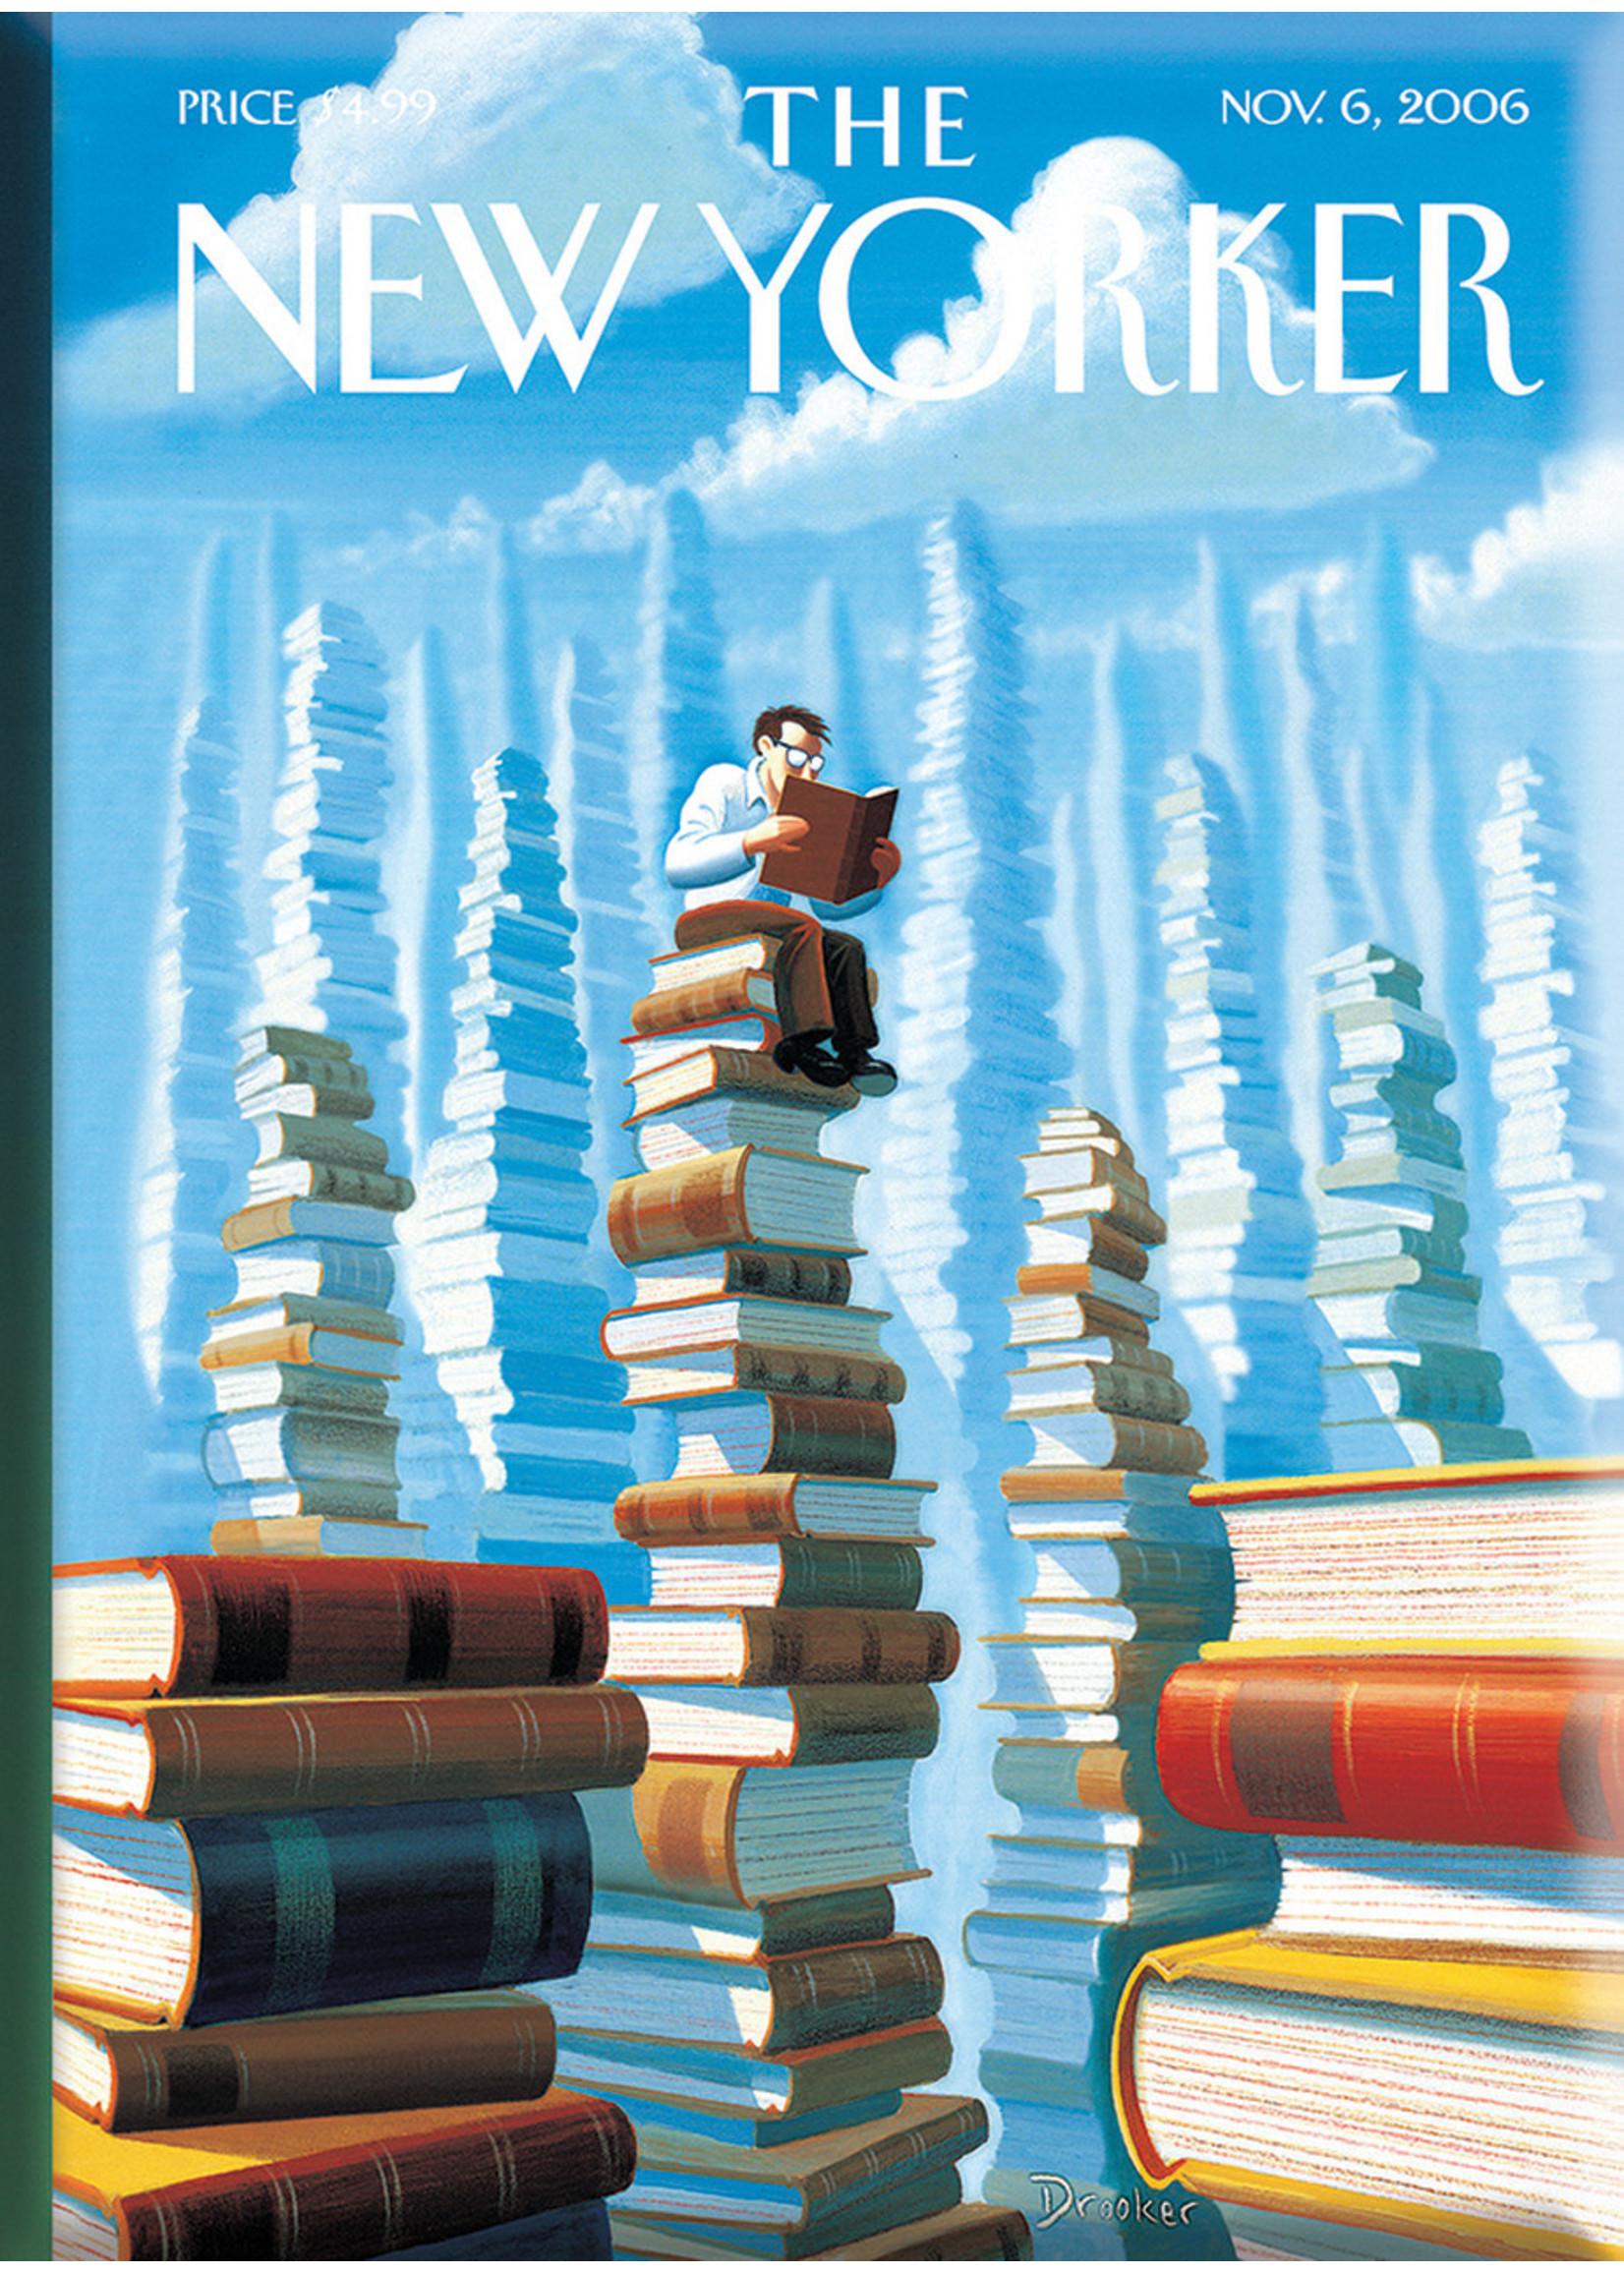 Nelson Line New Yorker Magnet Reading